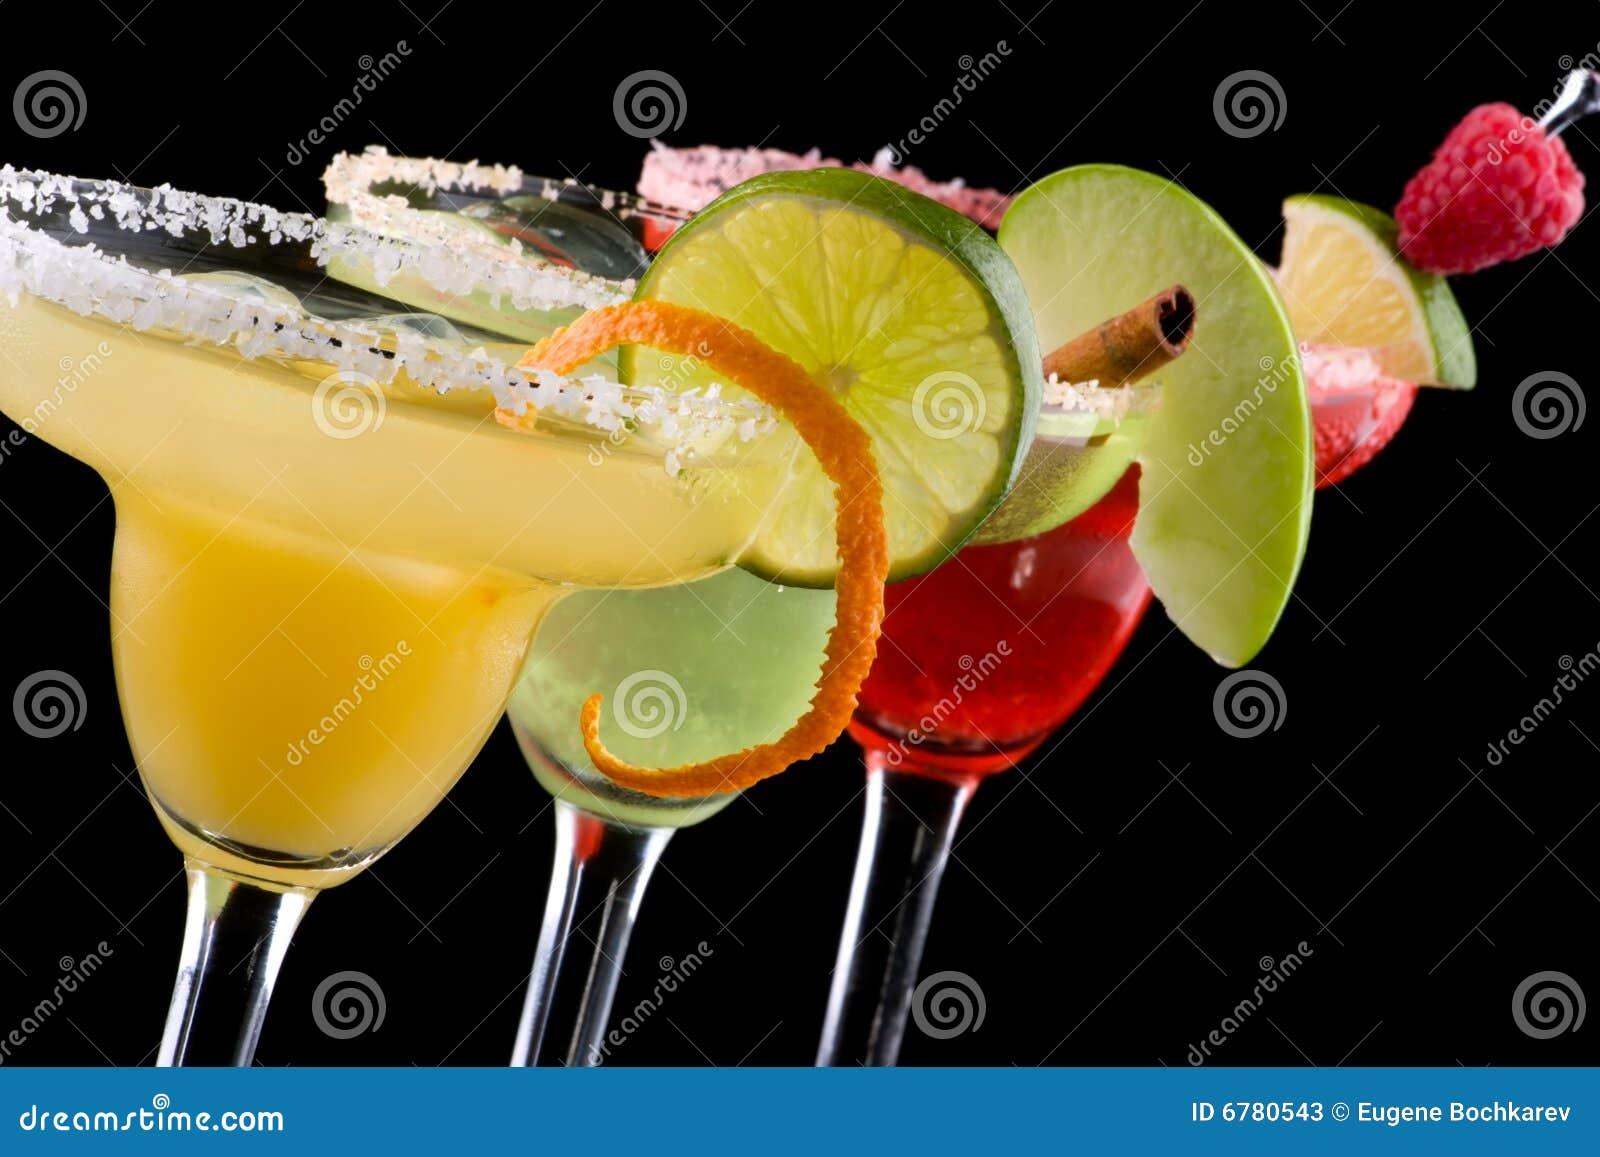 Margaritas - la mayoría de la serie popular de los cocteles